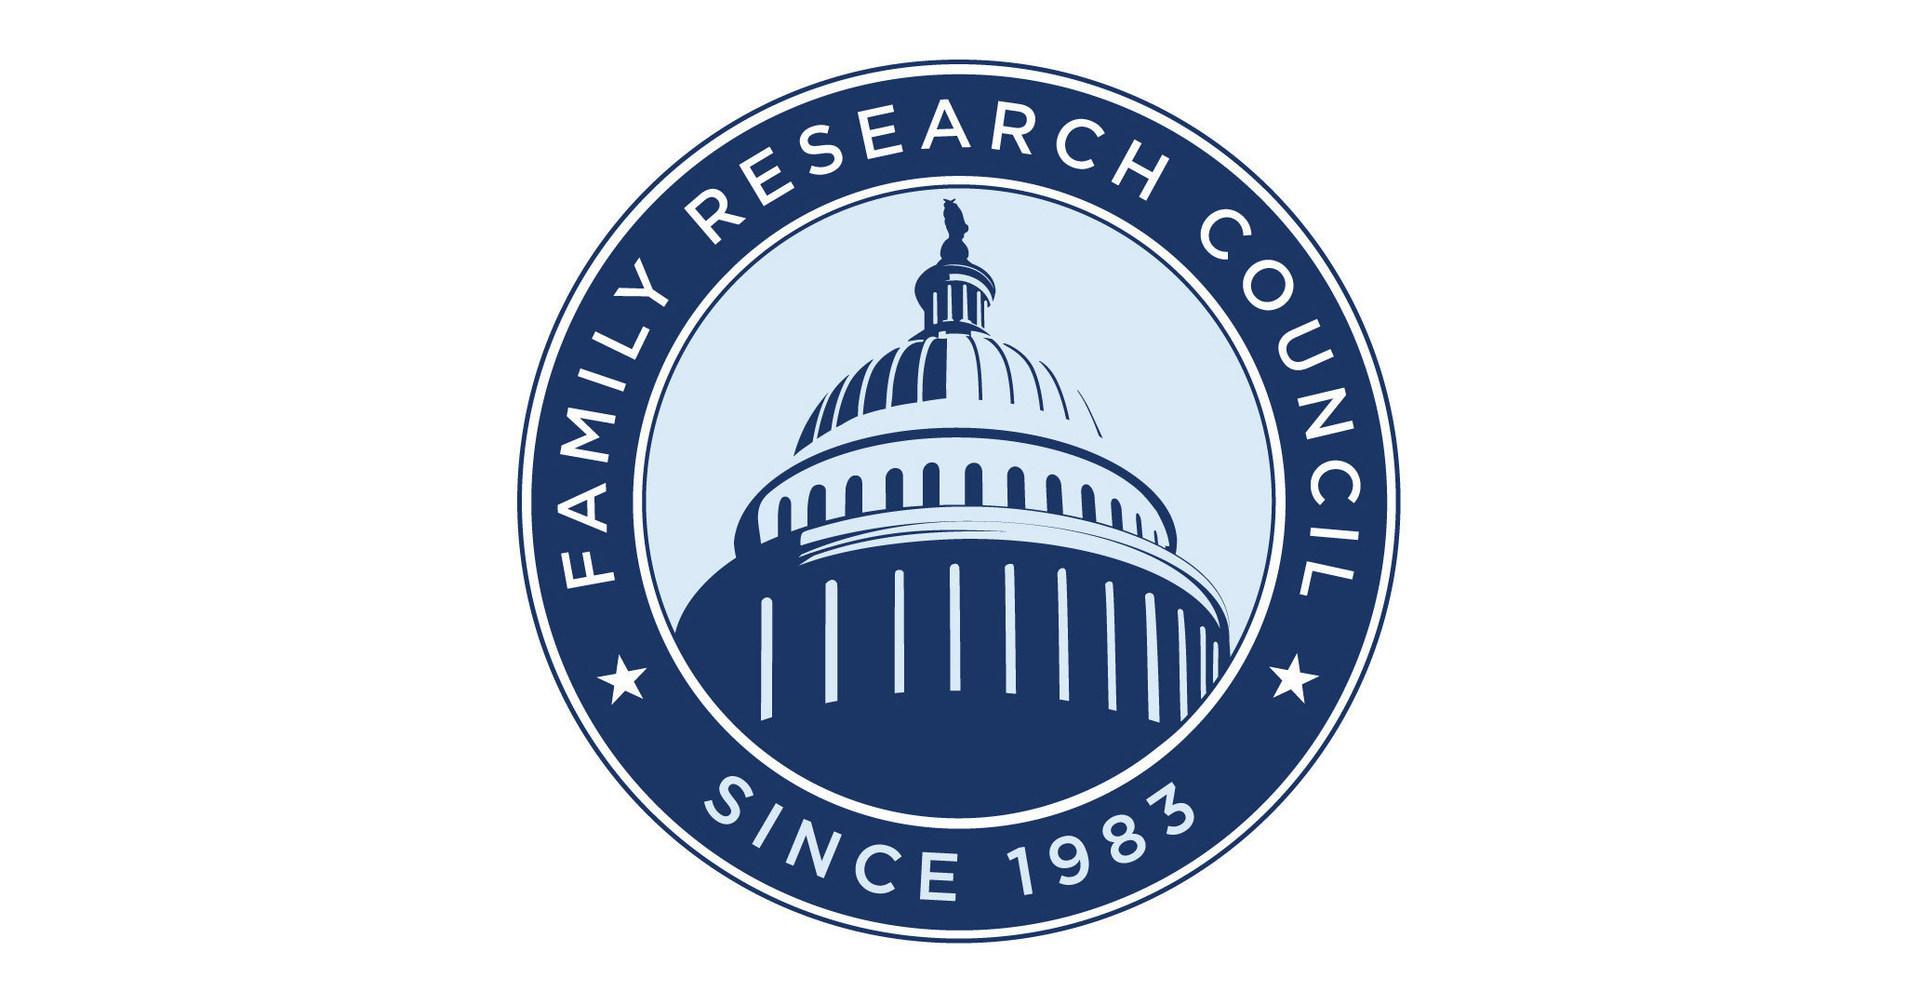 family research council logo jpg?p=facebook.'